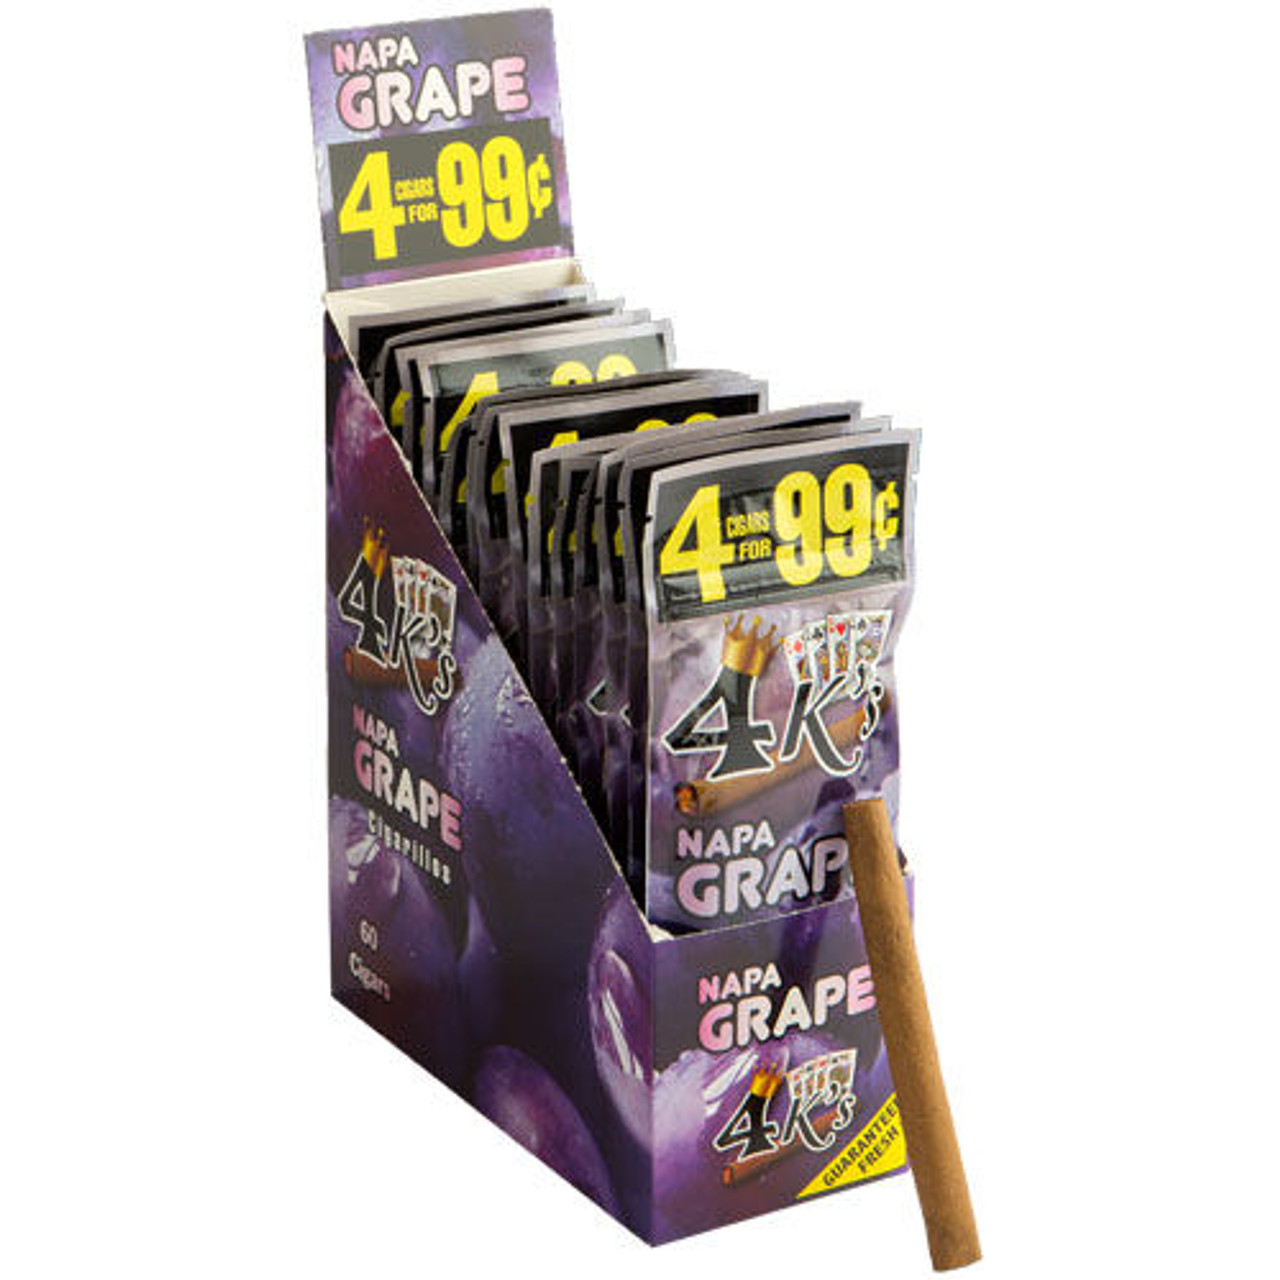 Good Times 4 K's Cigarillos Napa Grape Cigars - 4.25 x 28 (15 Packs of 4 (60 Total))